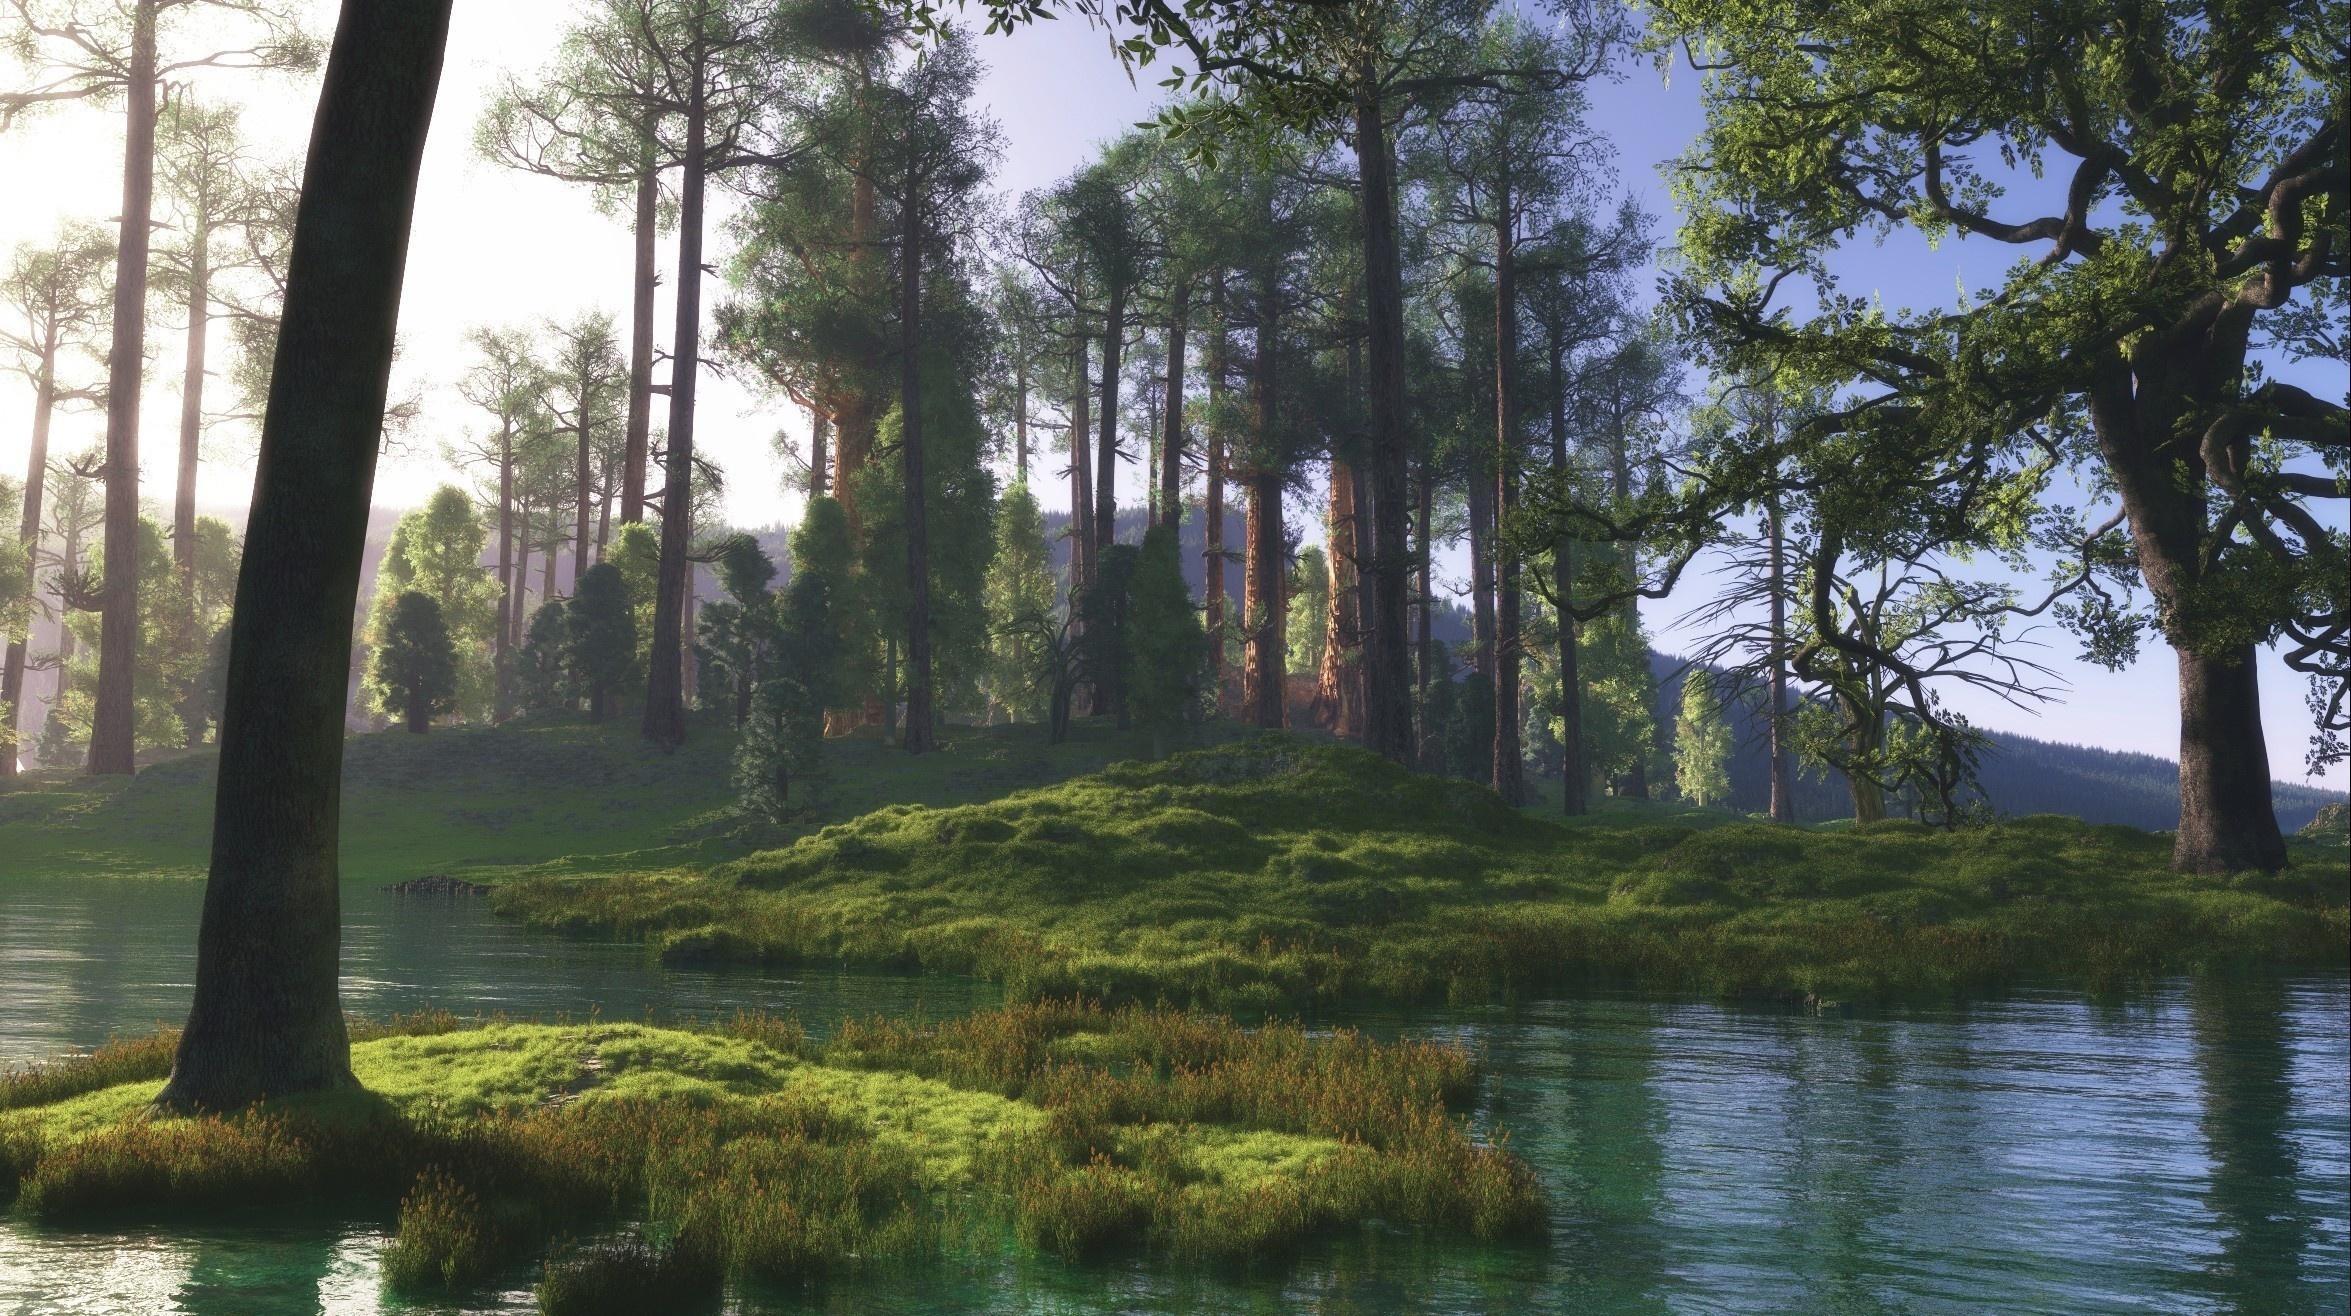 природа вода река трава деревья мох  № 3800971 бесплатно